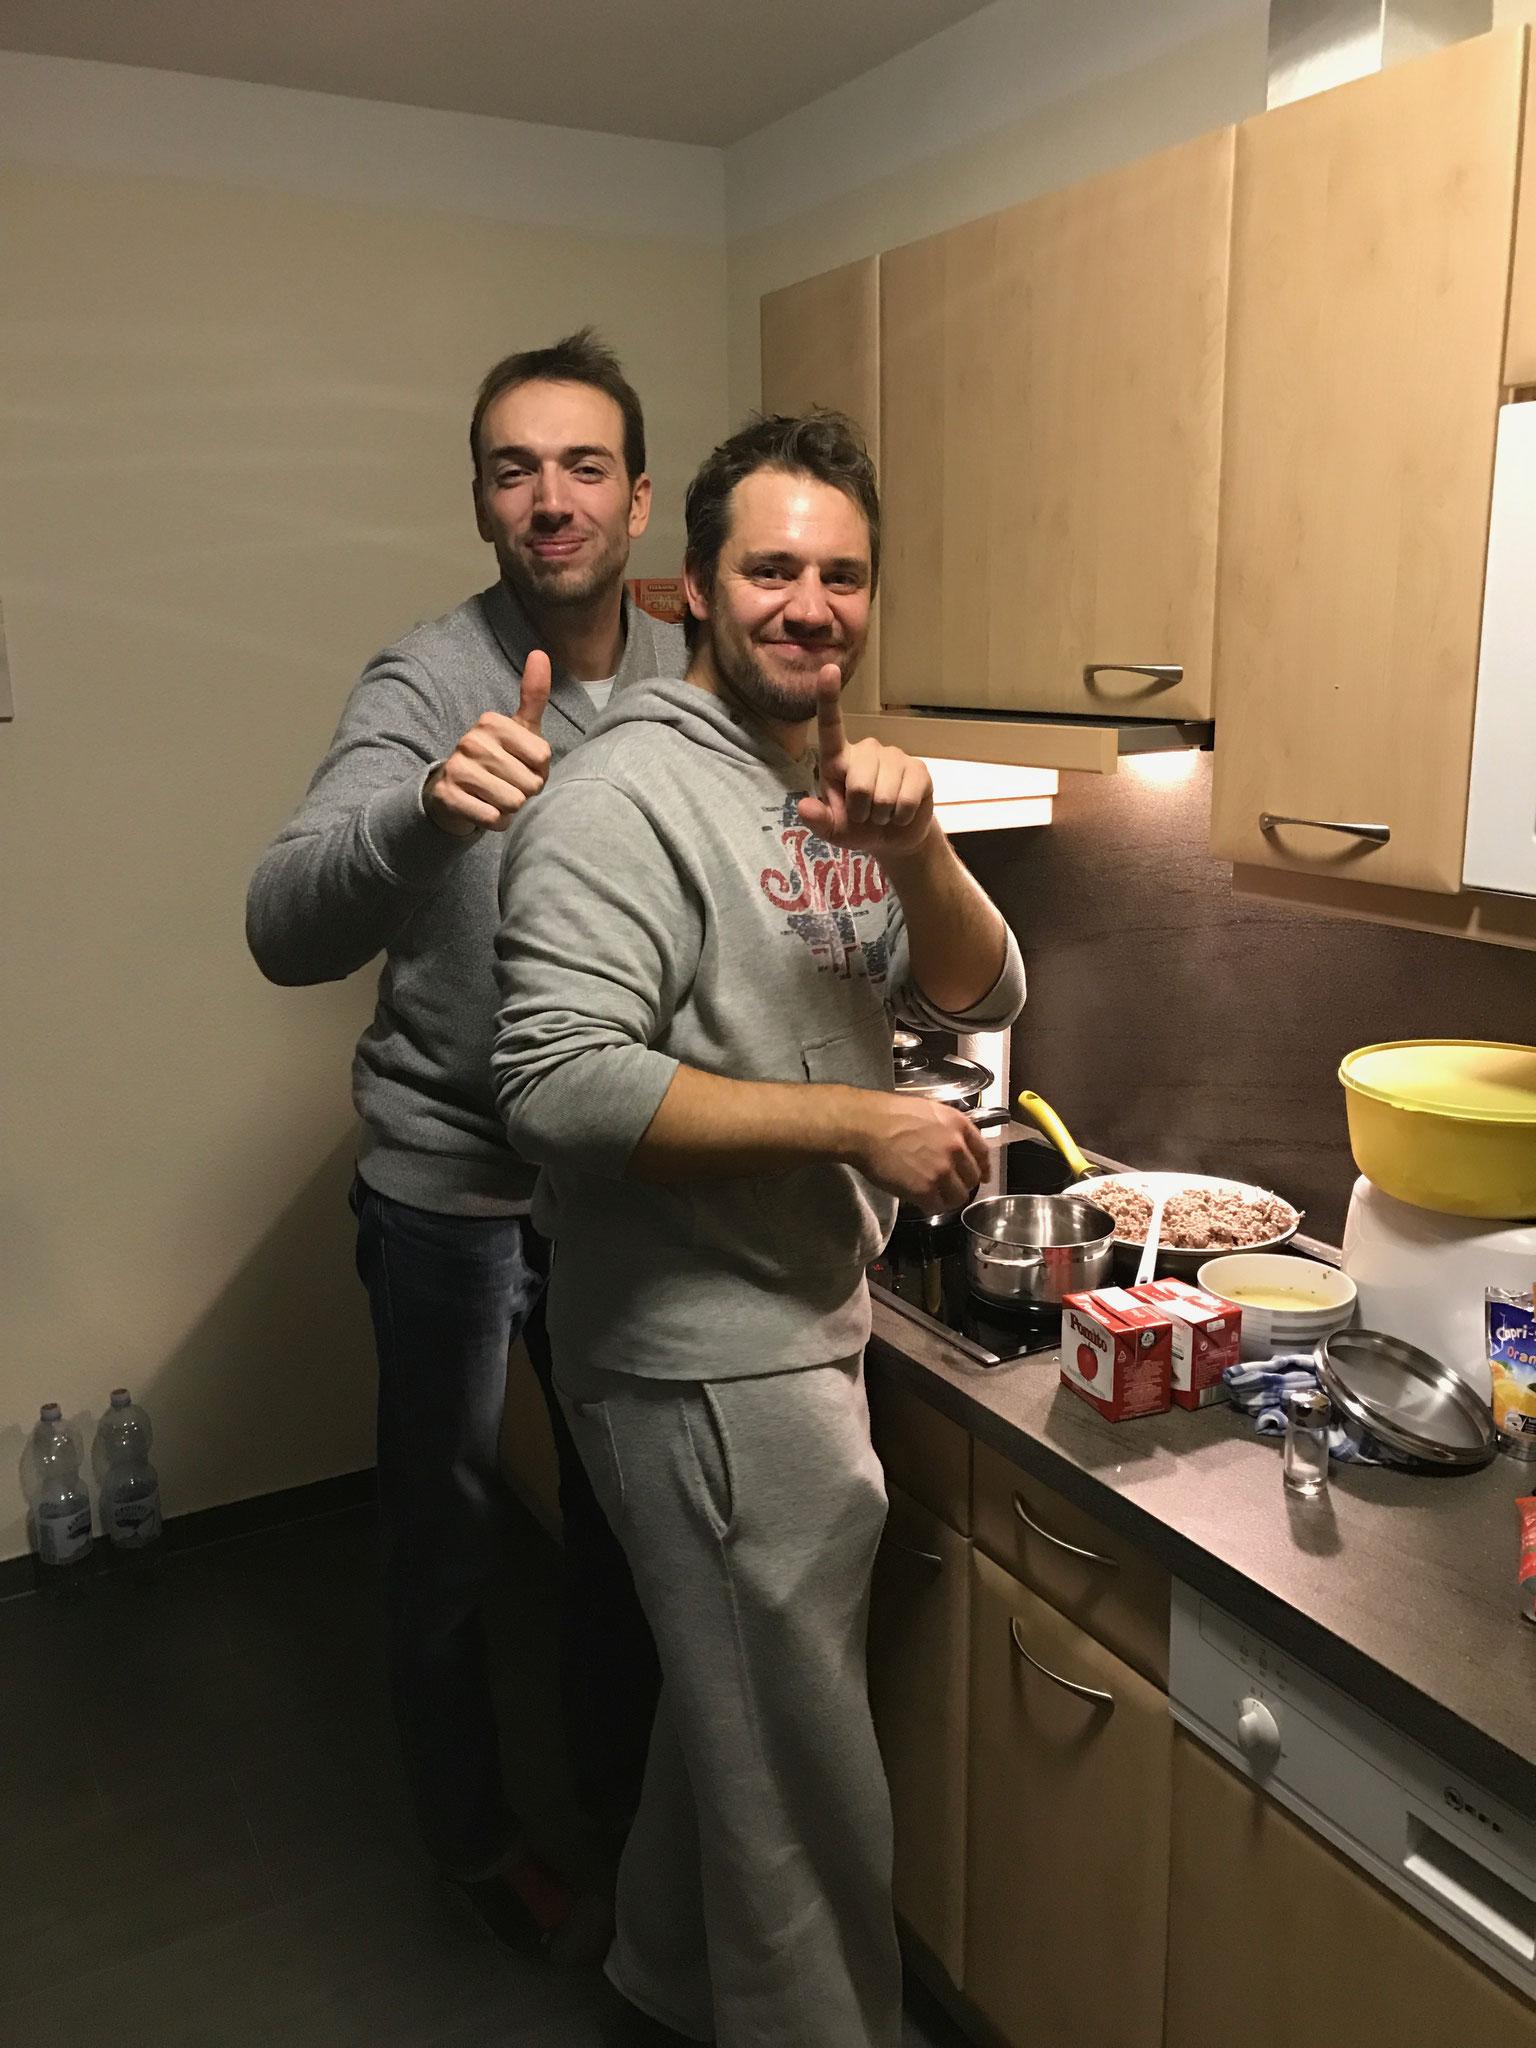 die 2 Chefkochs